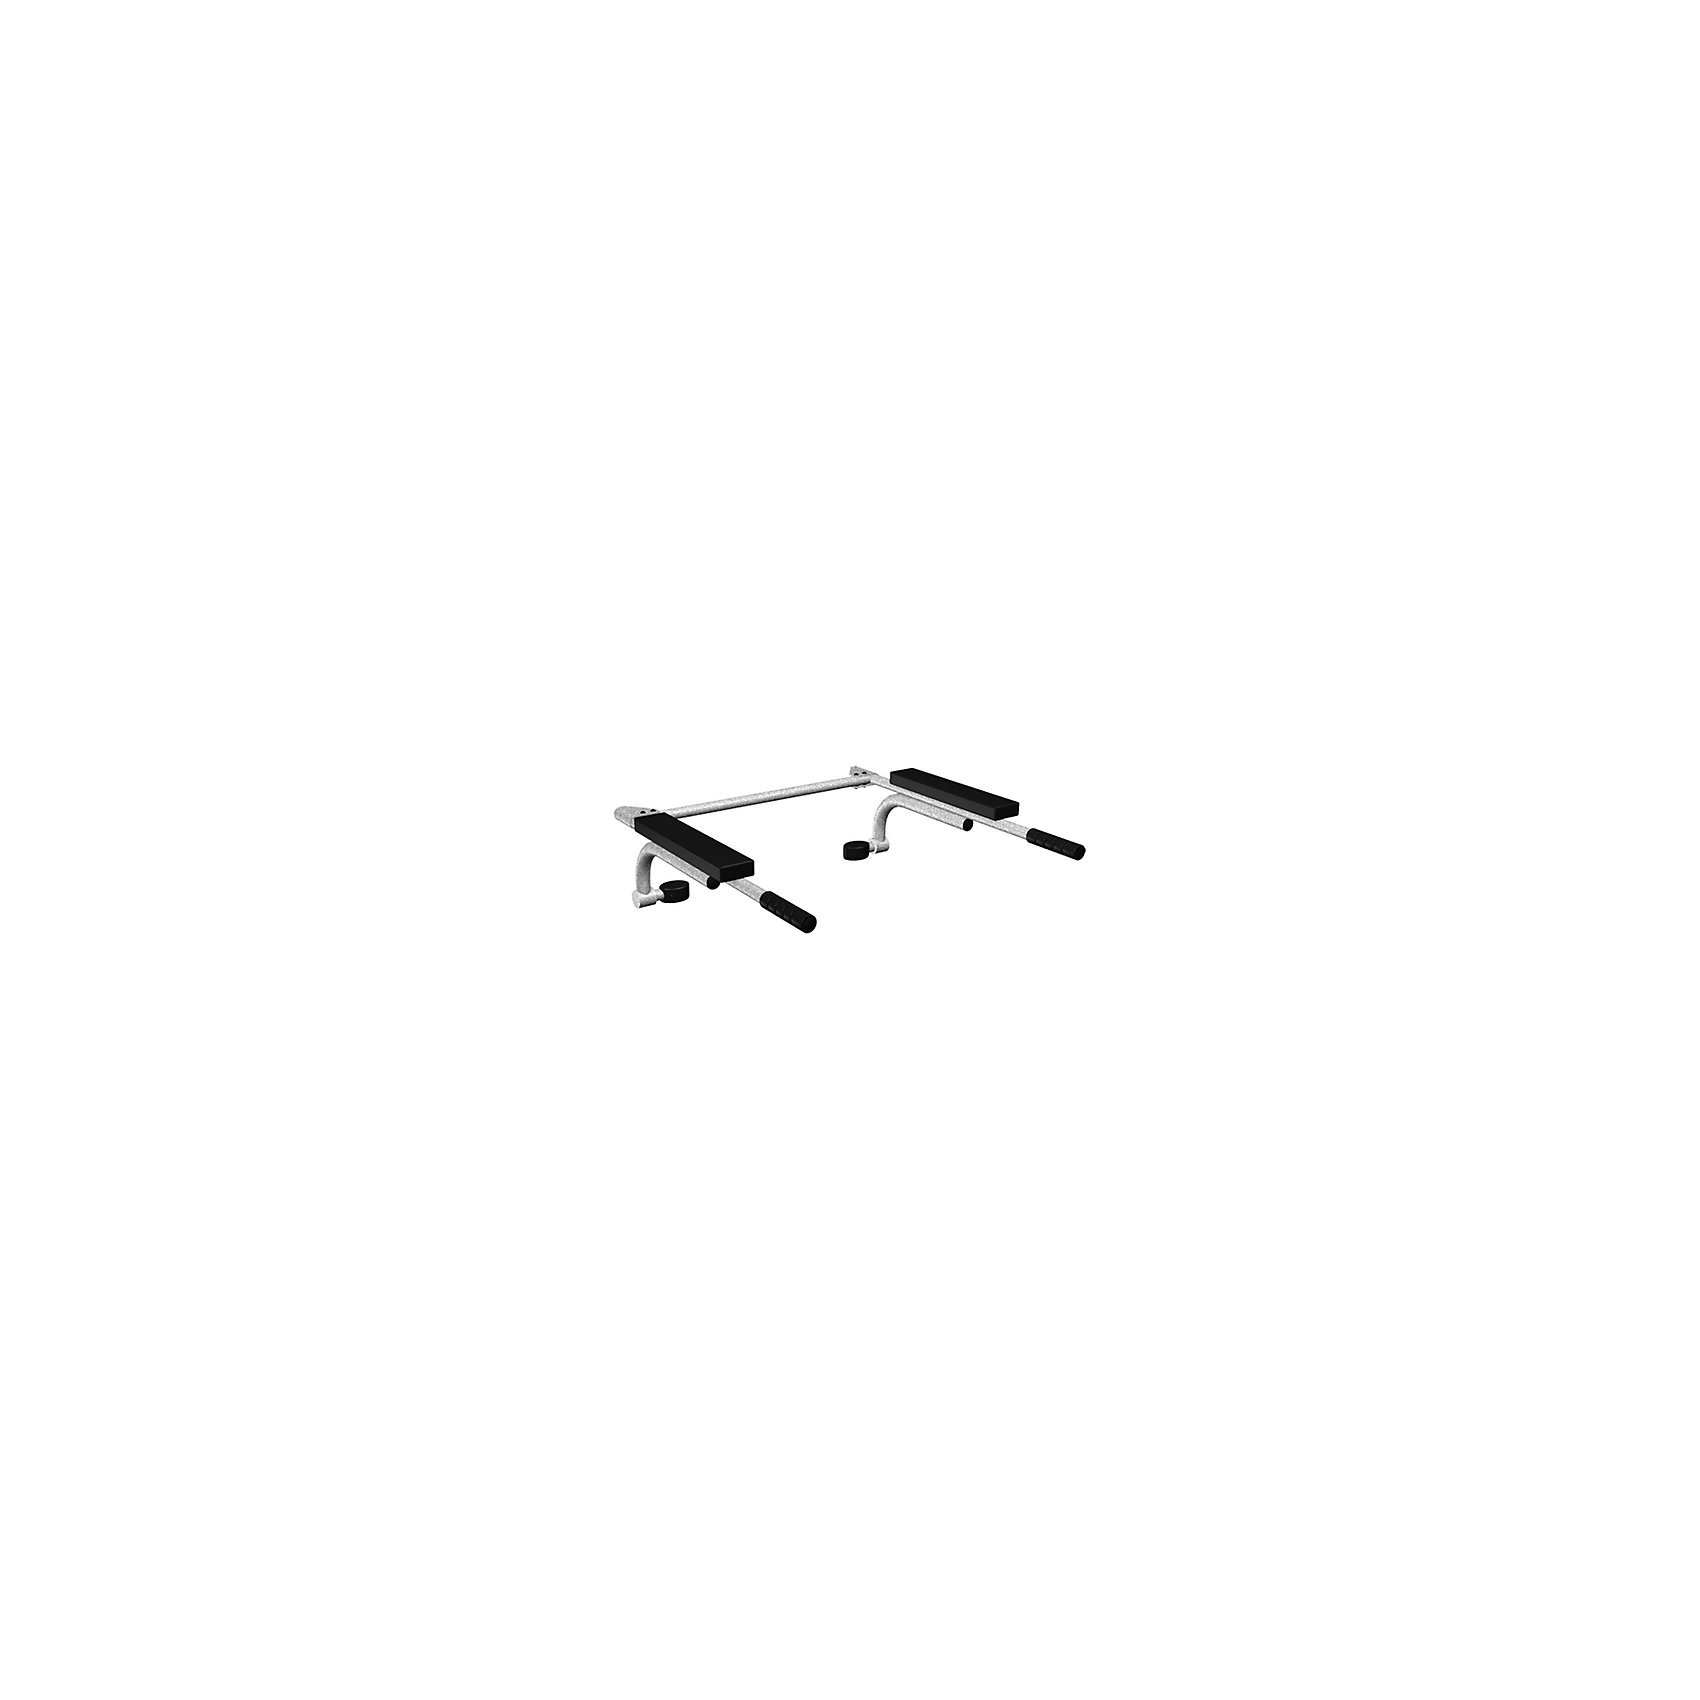 Брусья откидные (ширина 410 мм), ROMANAШведские стенки<br>Брусья откидные (ширина 410 мм), ROMANA<br><br>Характеристики:<br><br>• Ширина: 41 см<br>• Материал: сталь, пластик<br>• Максимальная нагрузка: 100 кг<br><br>Откидные брусья послужат отличным дополнением к детскому спортивному комплексу. Благодаря крепким материалам и надежному креплению ребенок не получит травму и любые упражнения на брусьях будут полностью безопасными. Брусья подходят к другим модулям из этой серии. Такой элемент спортивного комплекса развивает несколько групп мышц. Можно крепить сверху или на уровне середины спины. Ручки можно поднять и зафиксировать на шведской стенке.<br><br>Брусья откидные (ширина 410 мм), ROMANA можно купить в нашем интернет-магазине.<br><br>Ширина мм: 900<br>Глубина мм: 240<br>Высота мм: 50<br>Вес г: 8000<br>Возраст от месяцев: 36<br>Возраст до месяцев: 192<br>Пол: Унисекс<br>Возраст: Детский<br>SKU: 4993391